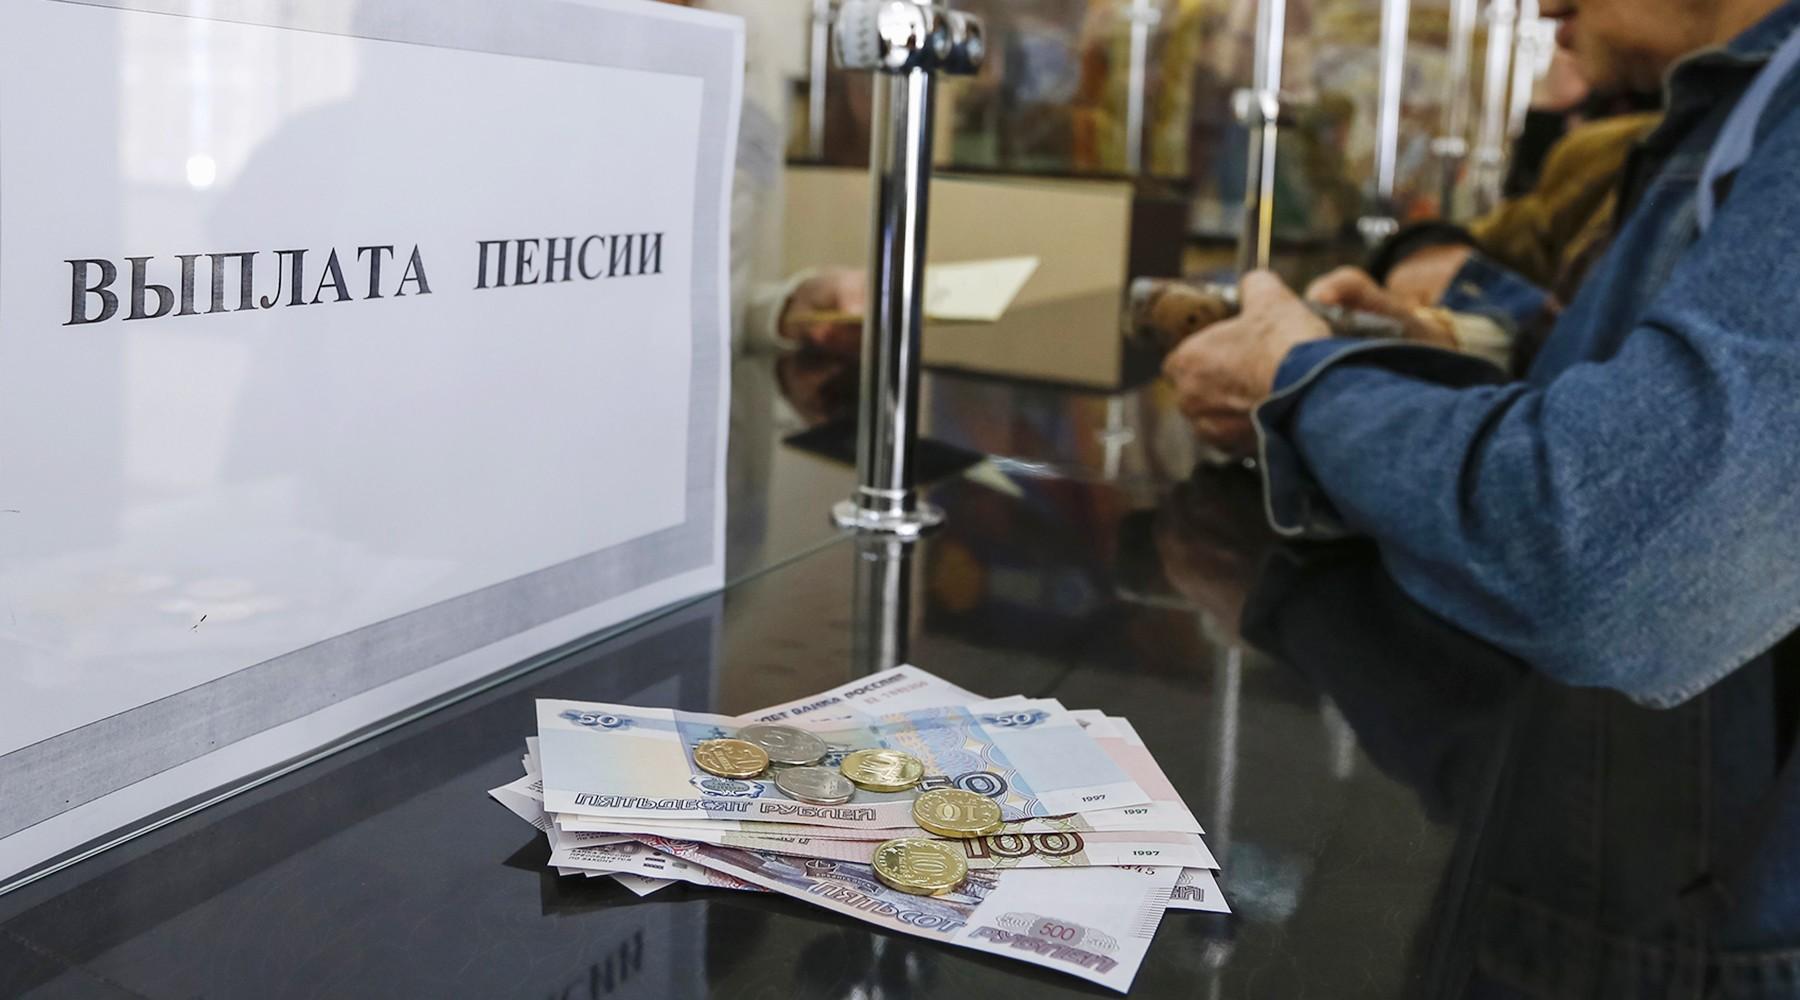 Собянин напомнил оповышении пенсий ивыплат ветеранам в столицеРФ